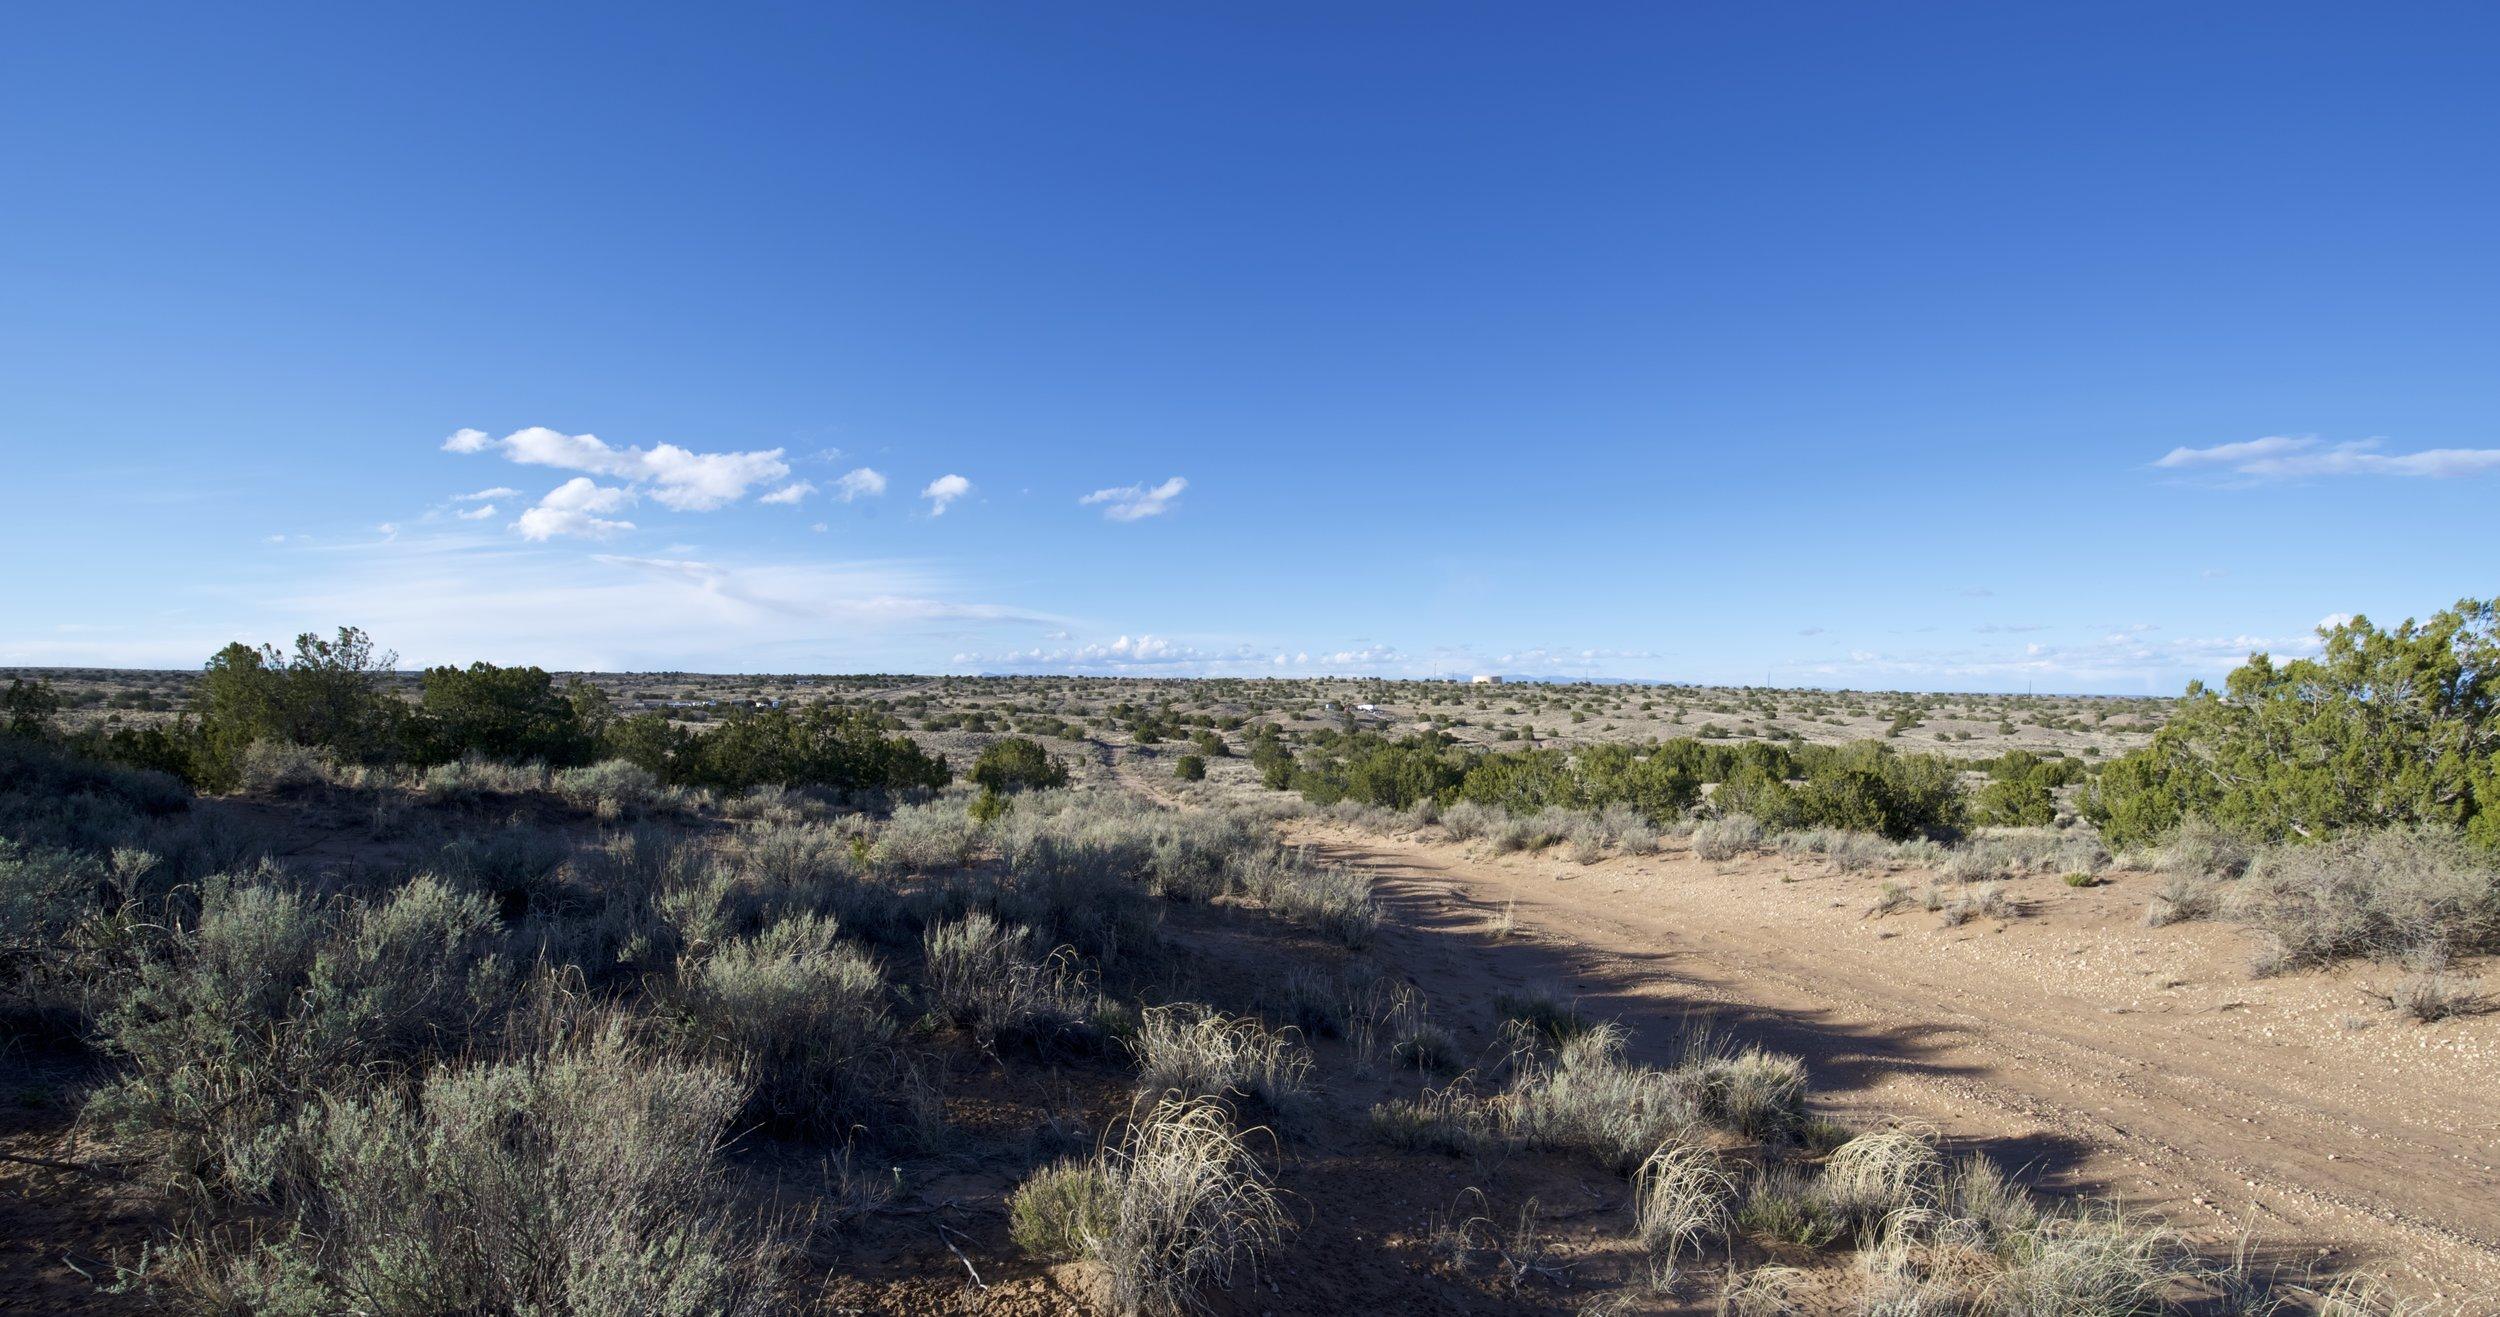 SNNM-2231-rio-rancho-125699.jpg